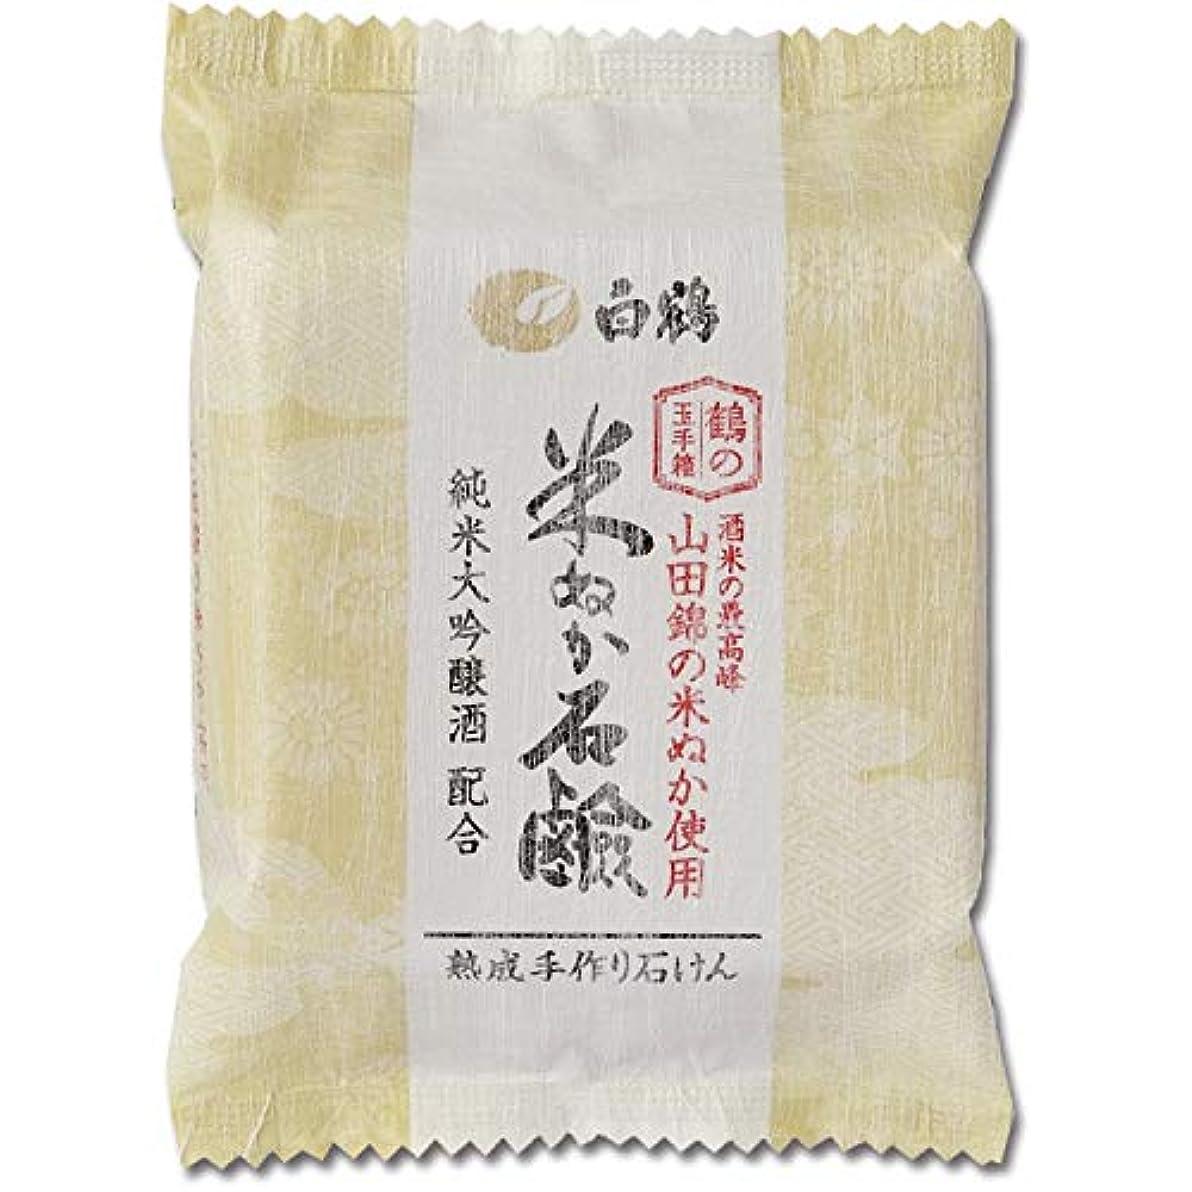 水差し学習者本物の白鶴 鶴の玉手箱 米ぬか石けん 100g (全身用石鹸)